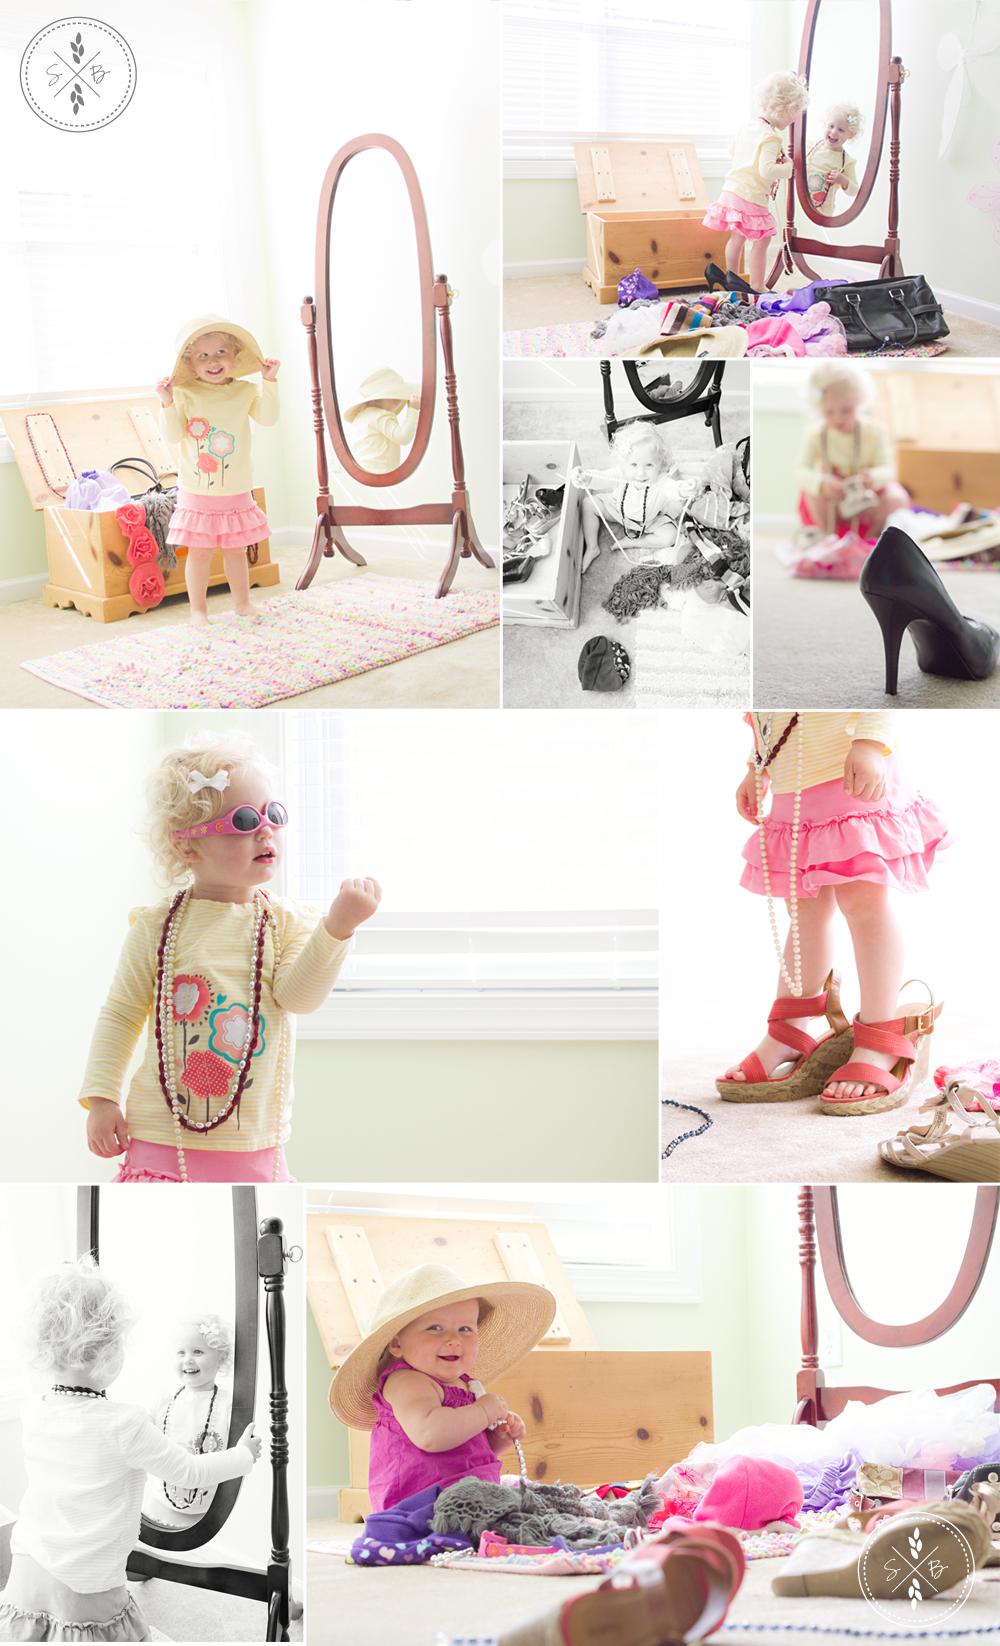 dressupblog